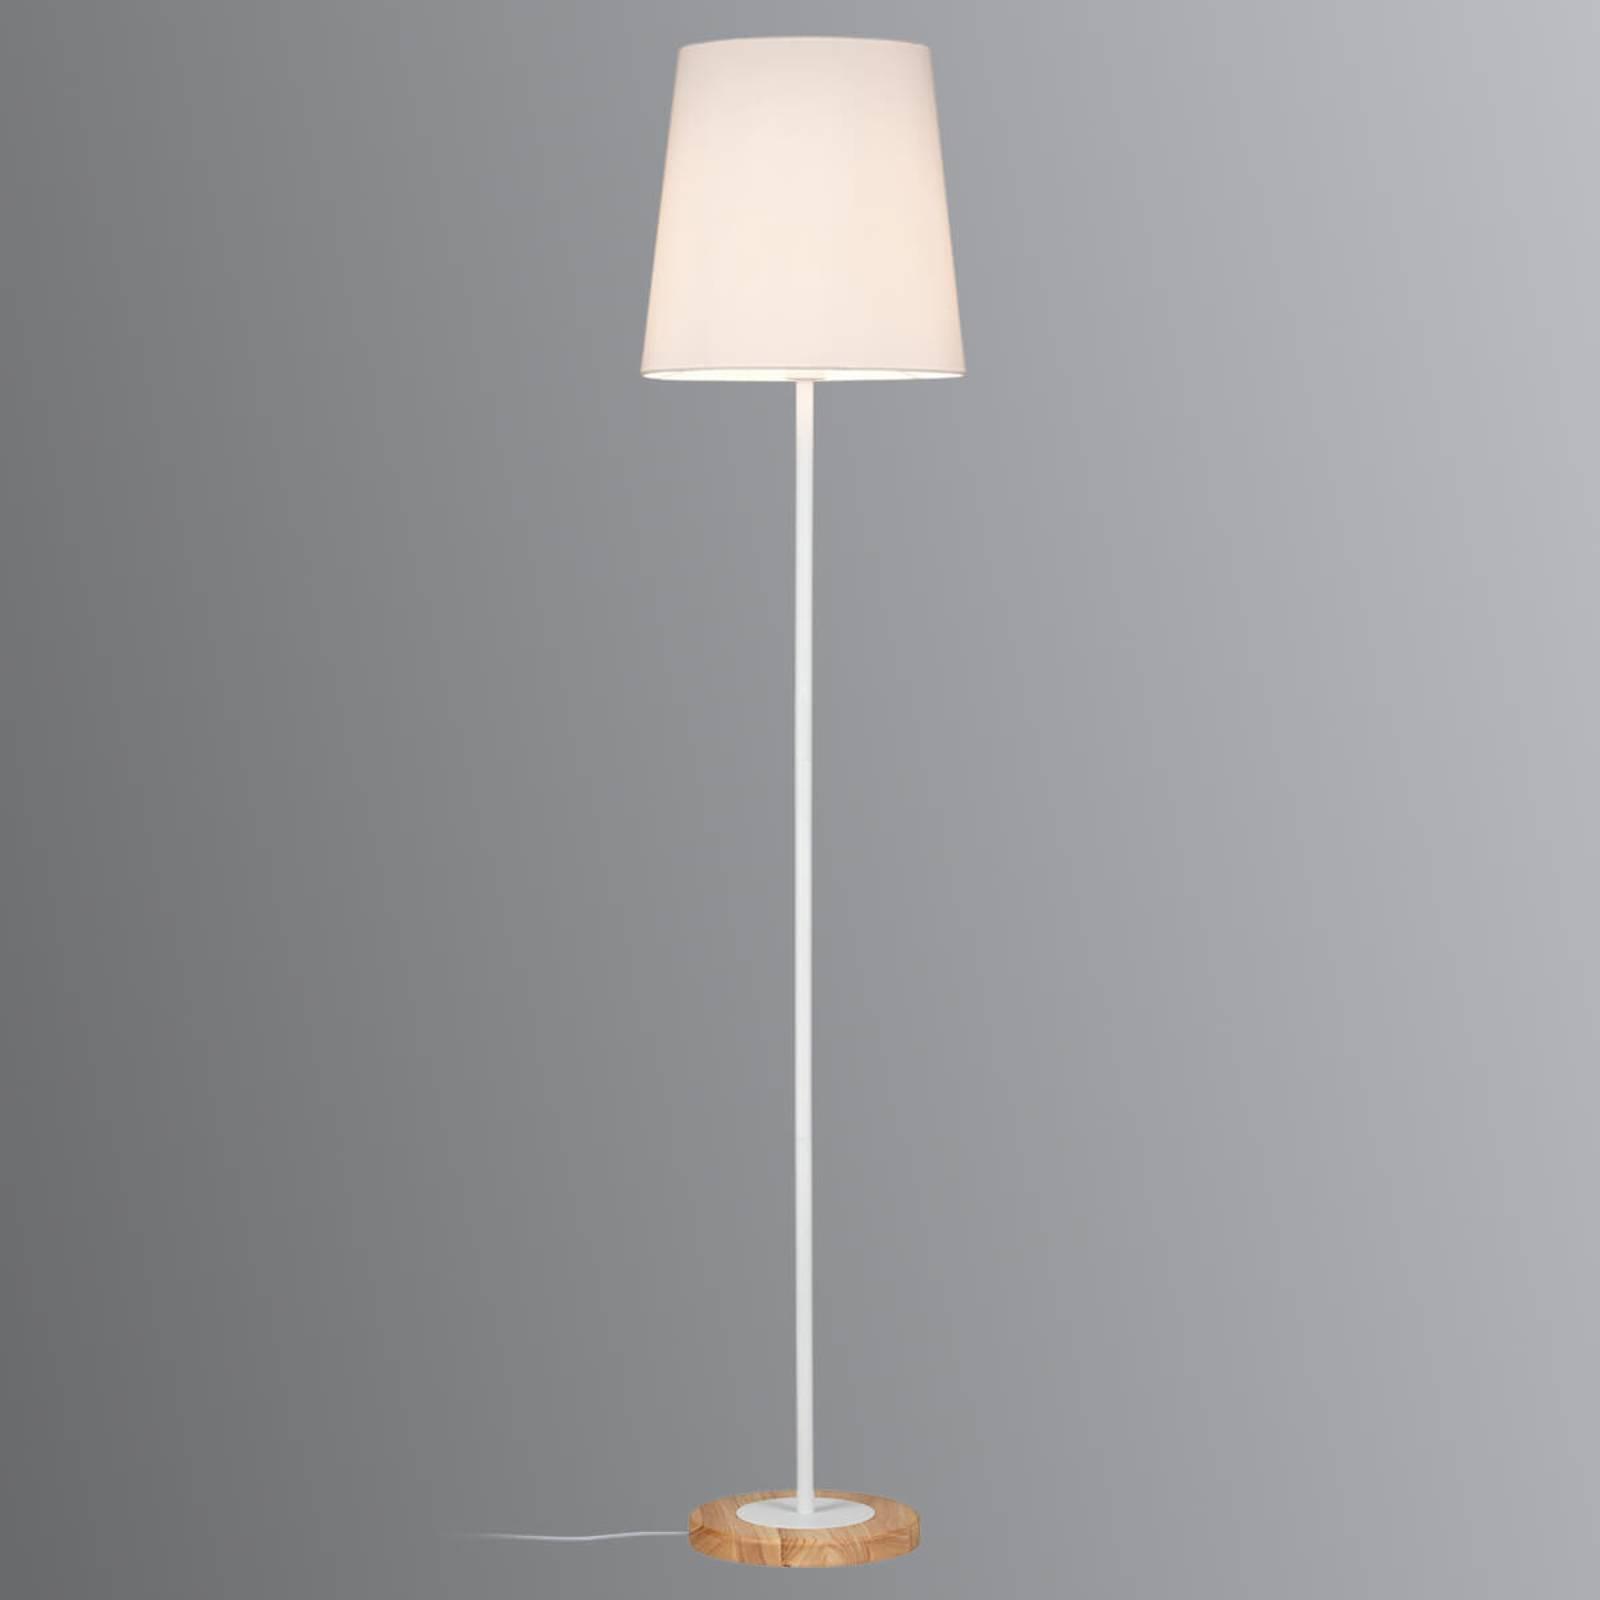 Paulmann Stellan gulvlampe med tekstilskjerm hvit